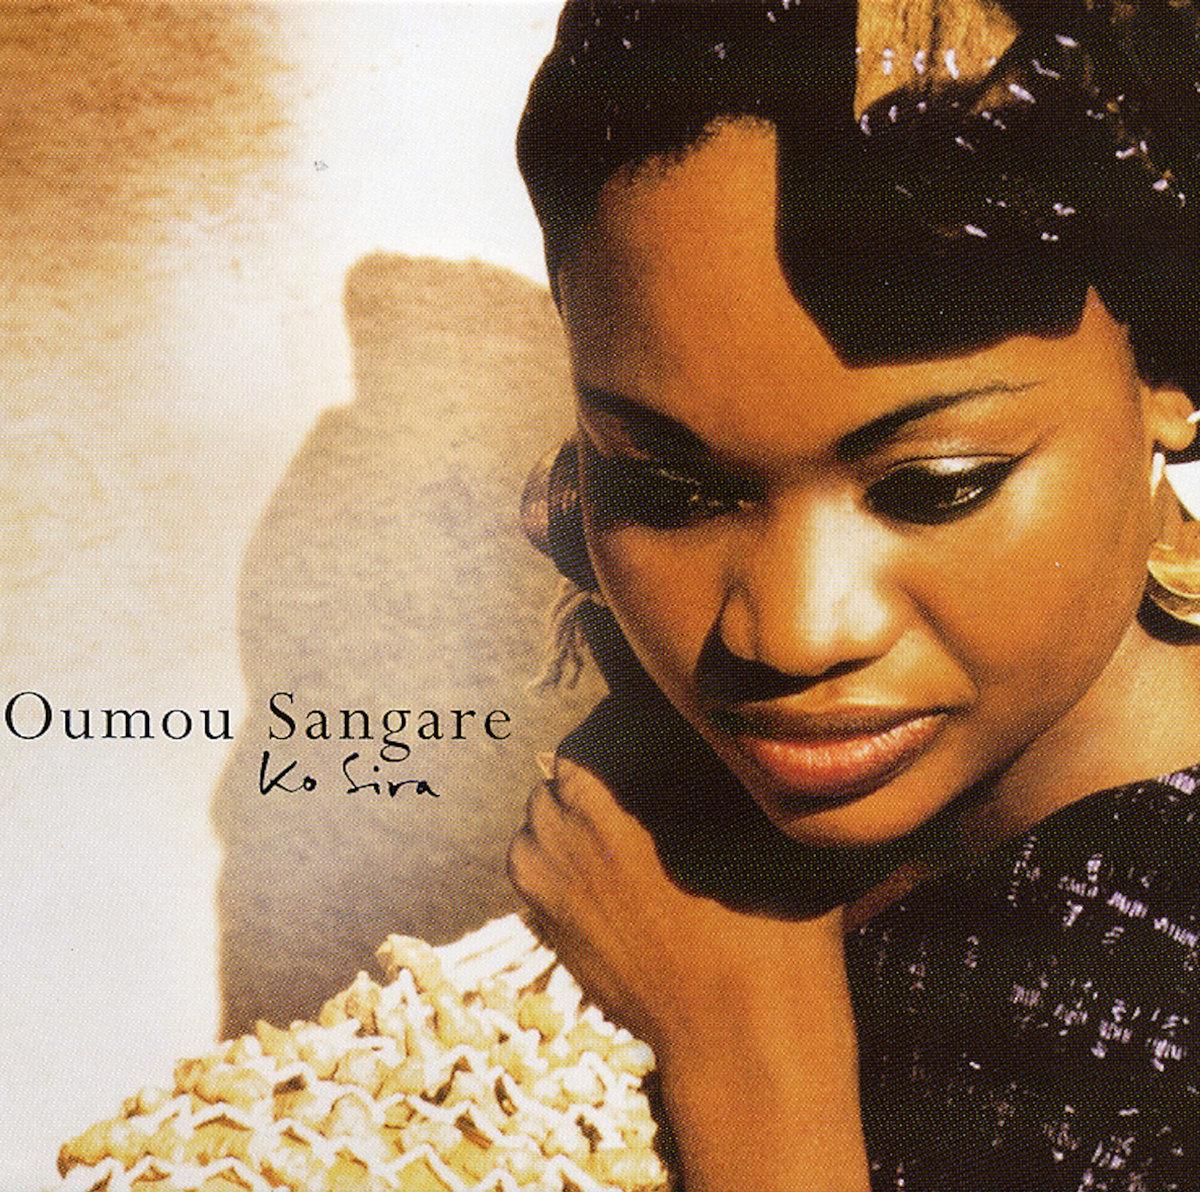 Oumou Sangaré - Ko Sira (CD) - World Circuit Records